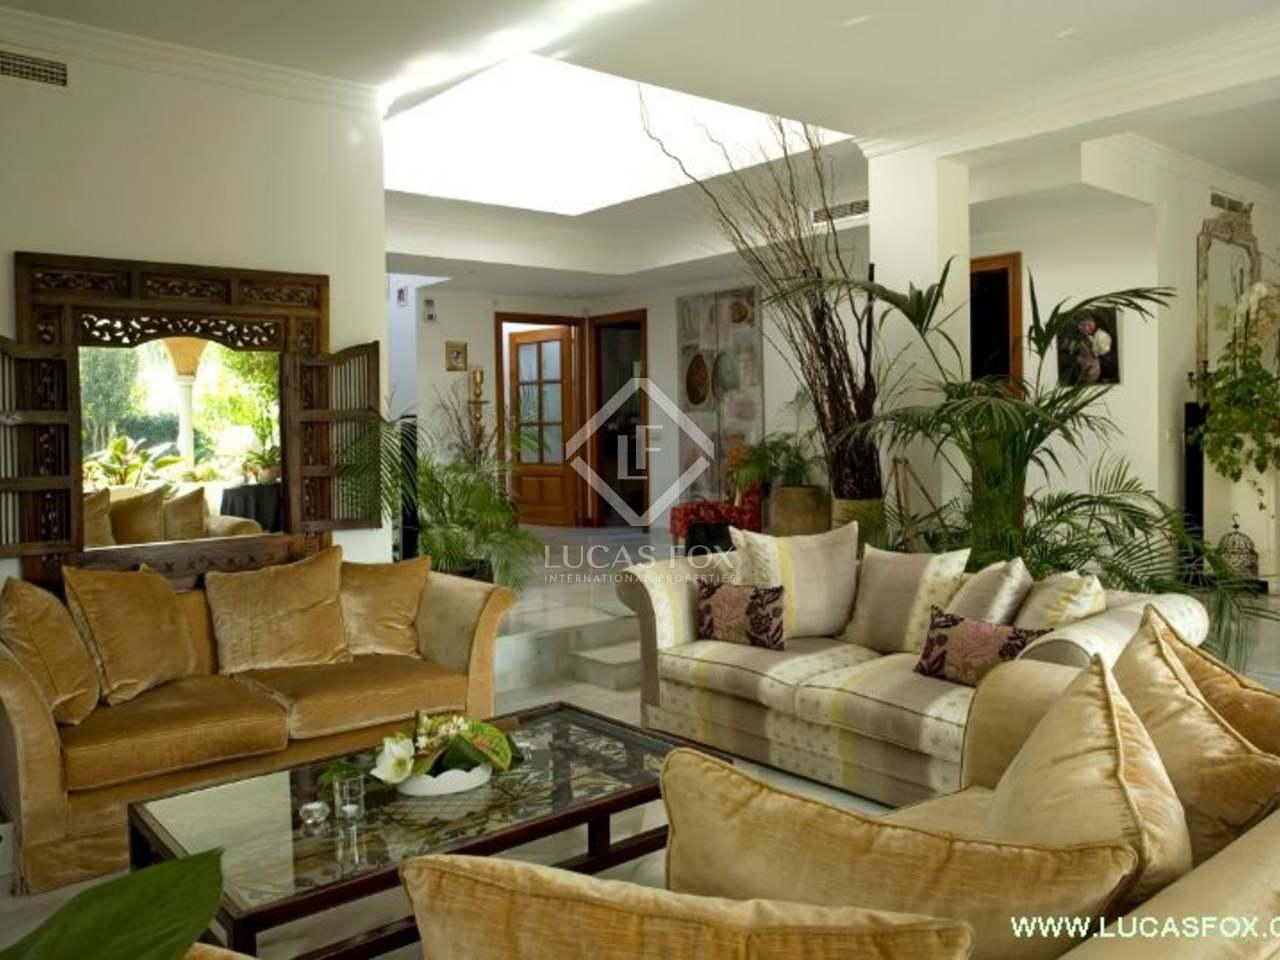 maison villa de 340m a louer sant cugat barcelone. Black Bedroom Furniture Sets. Home Design Ideas